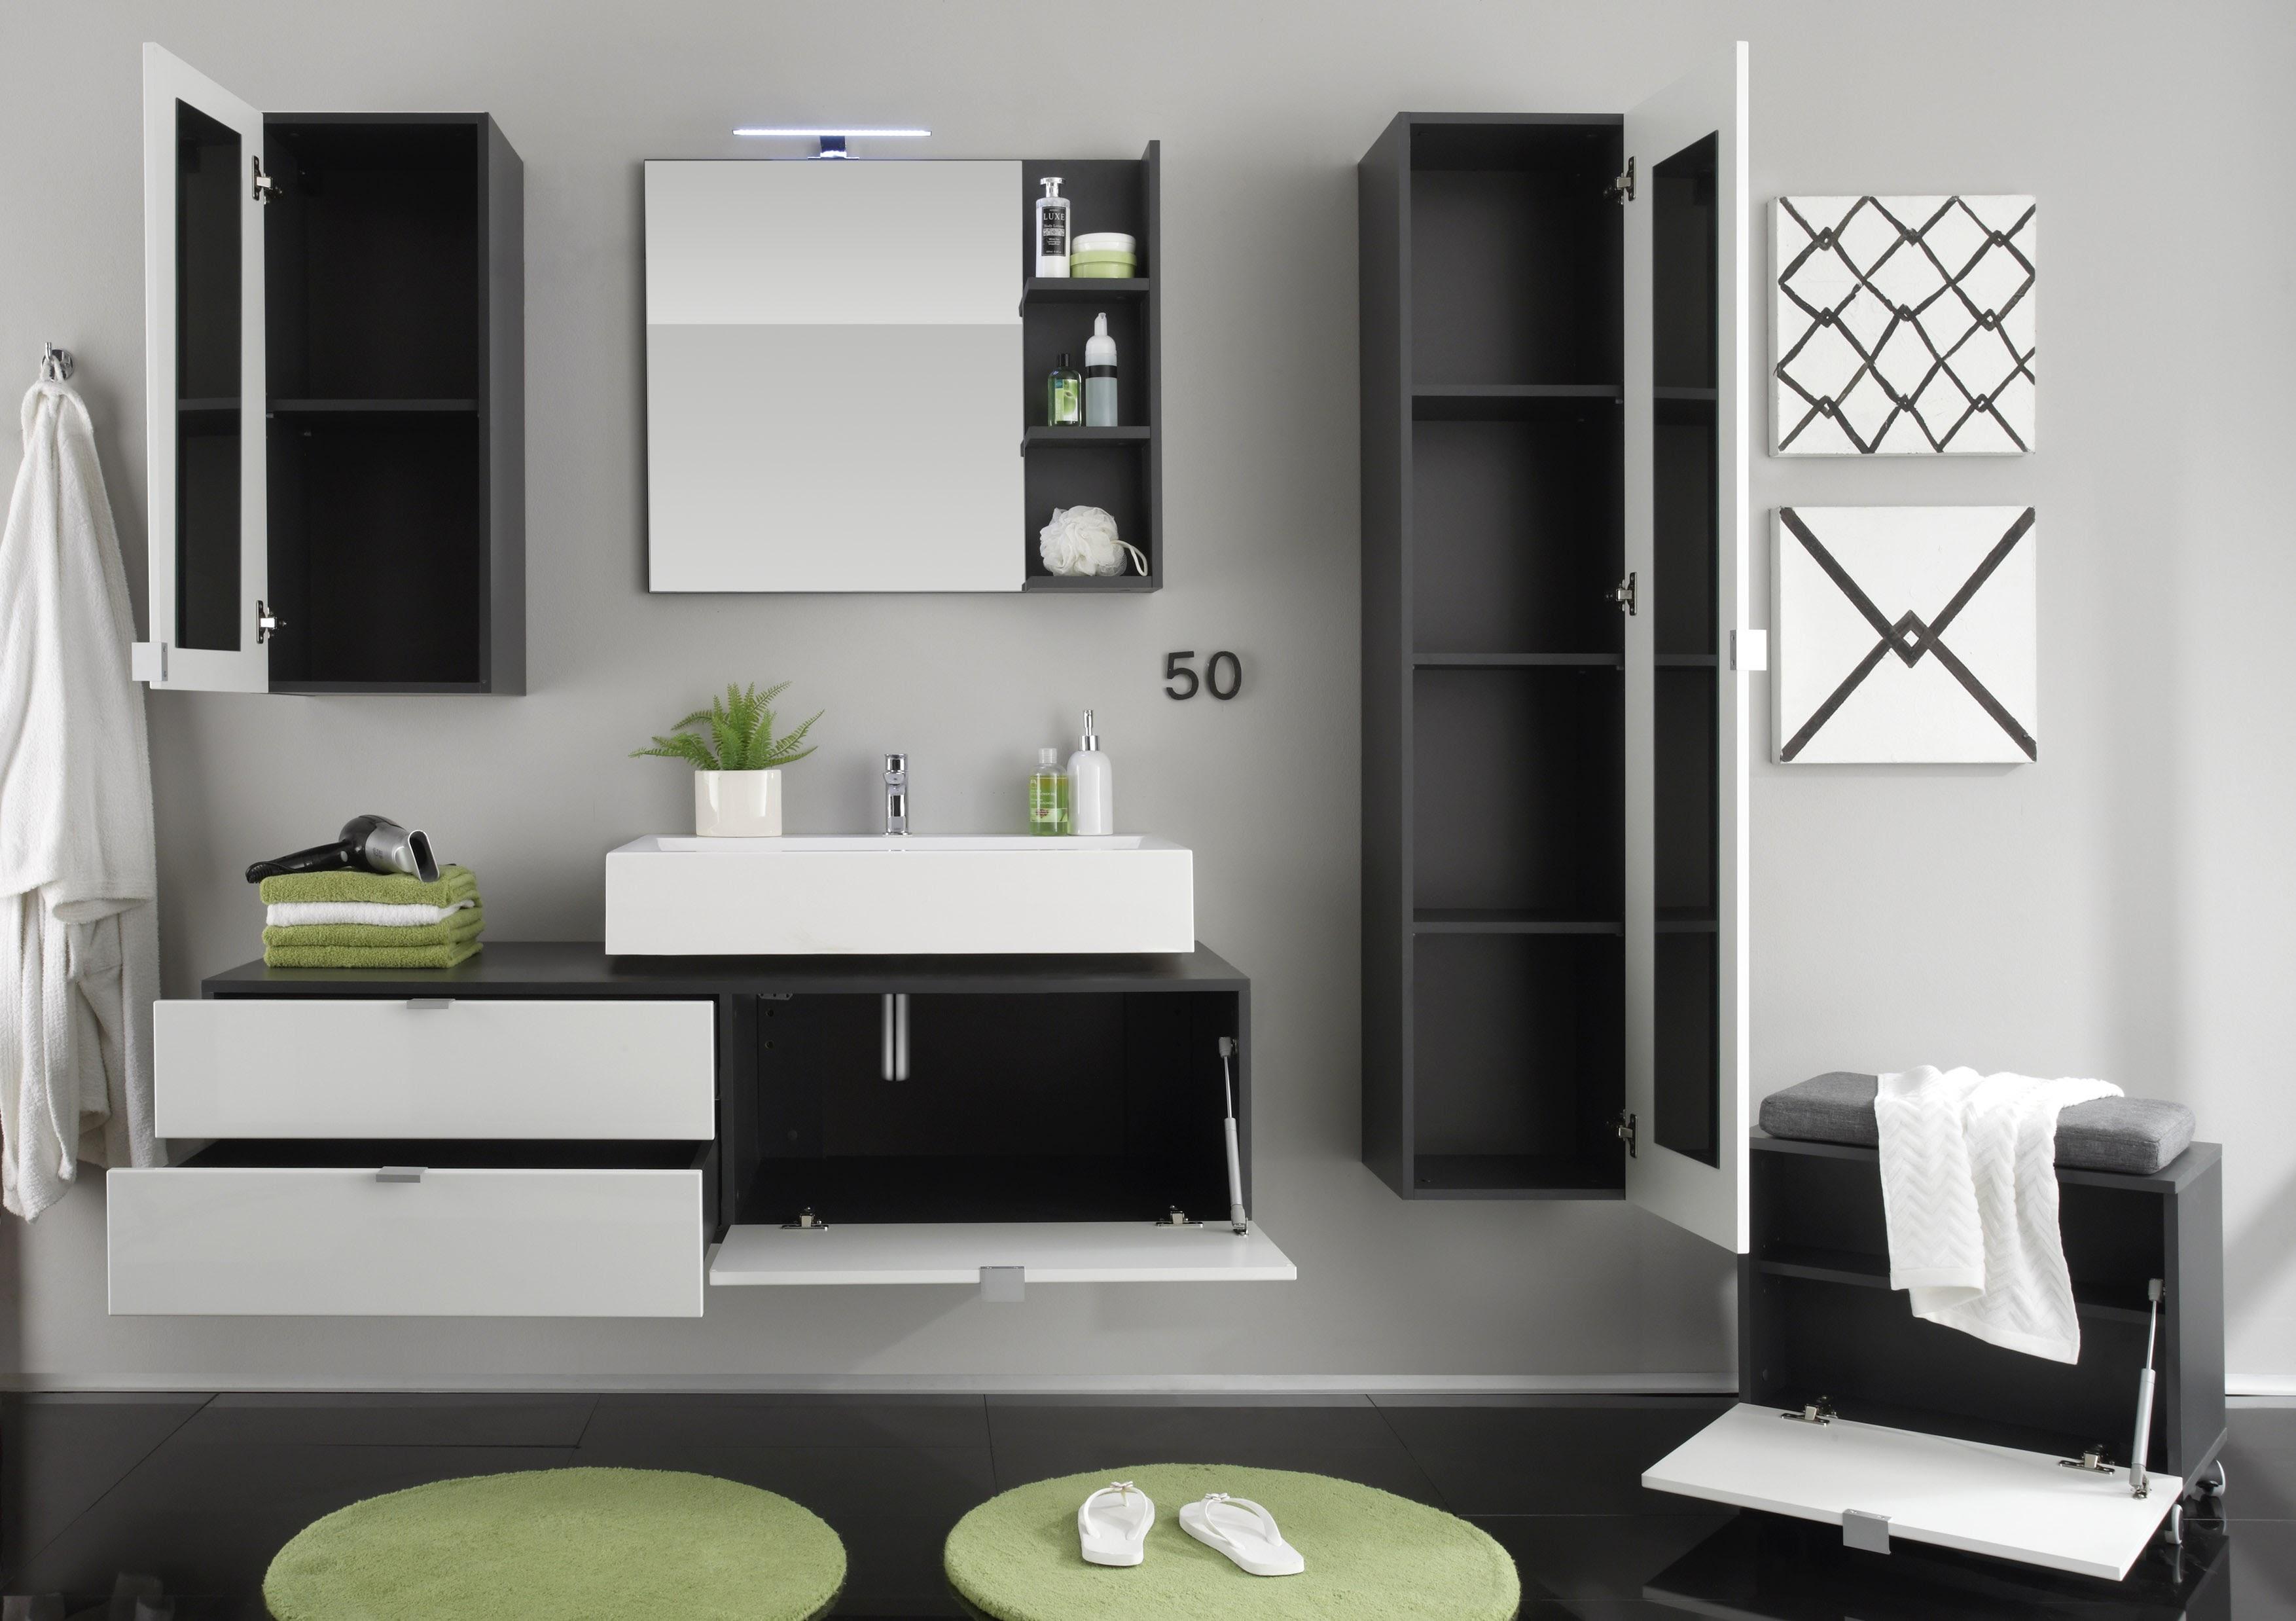 bad beach von trendteam grau wei. Black Bedroom Furniture Sets. Home Design Ideas